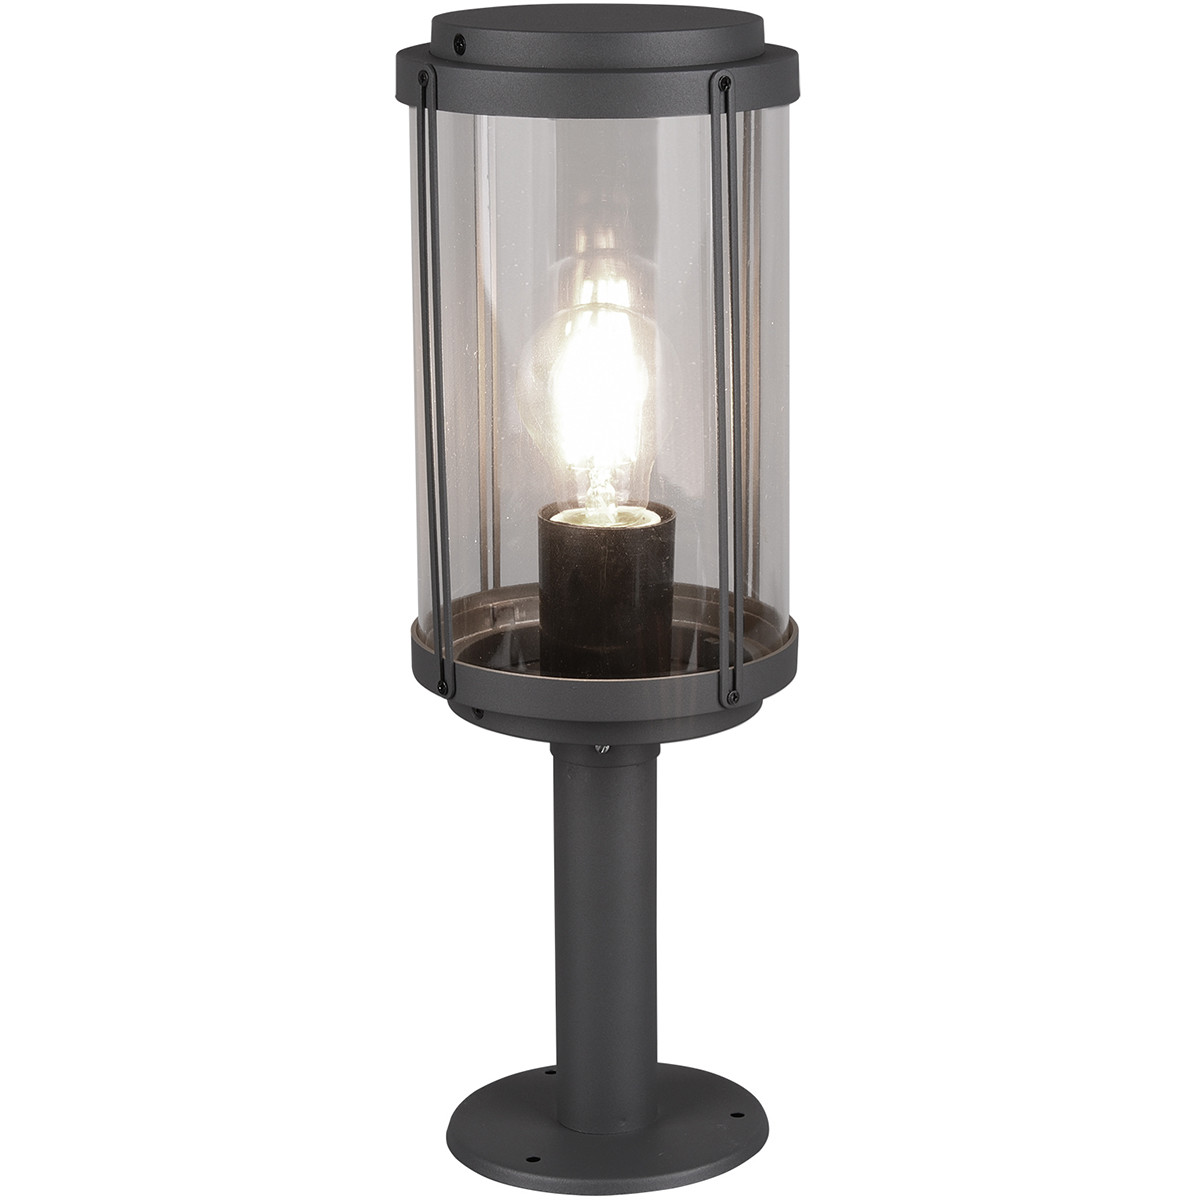 LED Tuinverlichting - Vloerlamp - Trion Taniron - Staand - E27 Fitting - Mat Zwart - Aluminium